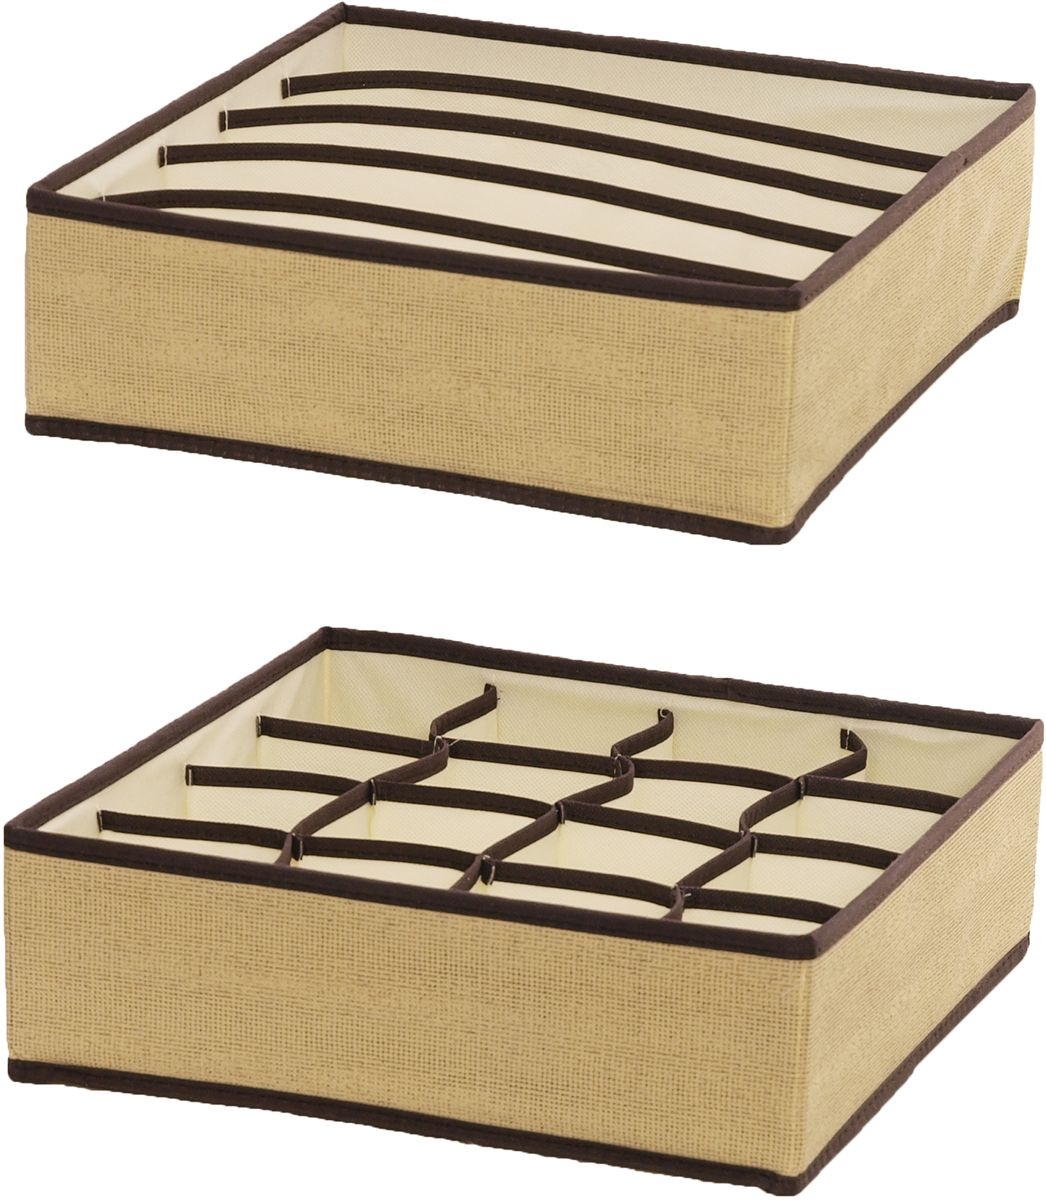 Набор органайзеров HomeMaster, 32 х 32 х 10 см, 2 штSTI003Набор из двух органайзеров HomeMaster предназначен для хранения аксессуаров и нижнего белья. Он обеспечит бережное хранение вещей и позволит организовать внутреннее пространство вашего дома. Теперь вы быстро найдете необходимую вещь. Органайзер можно расположить, как на полке, так и в выдвижном ящике вашего шкафа.